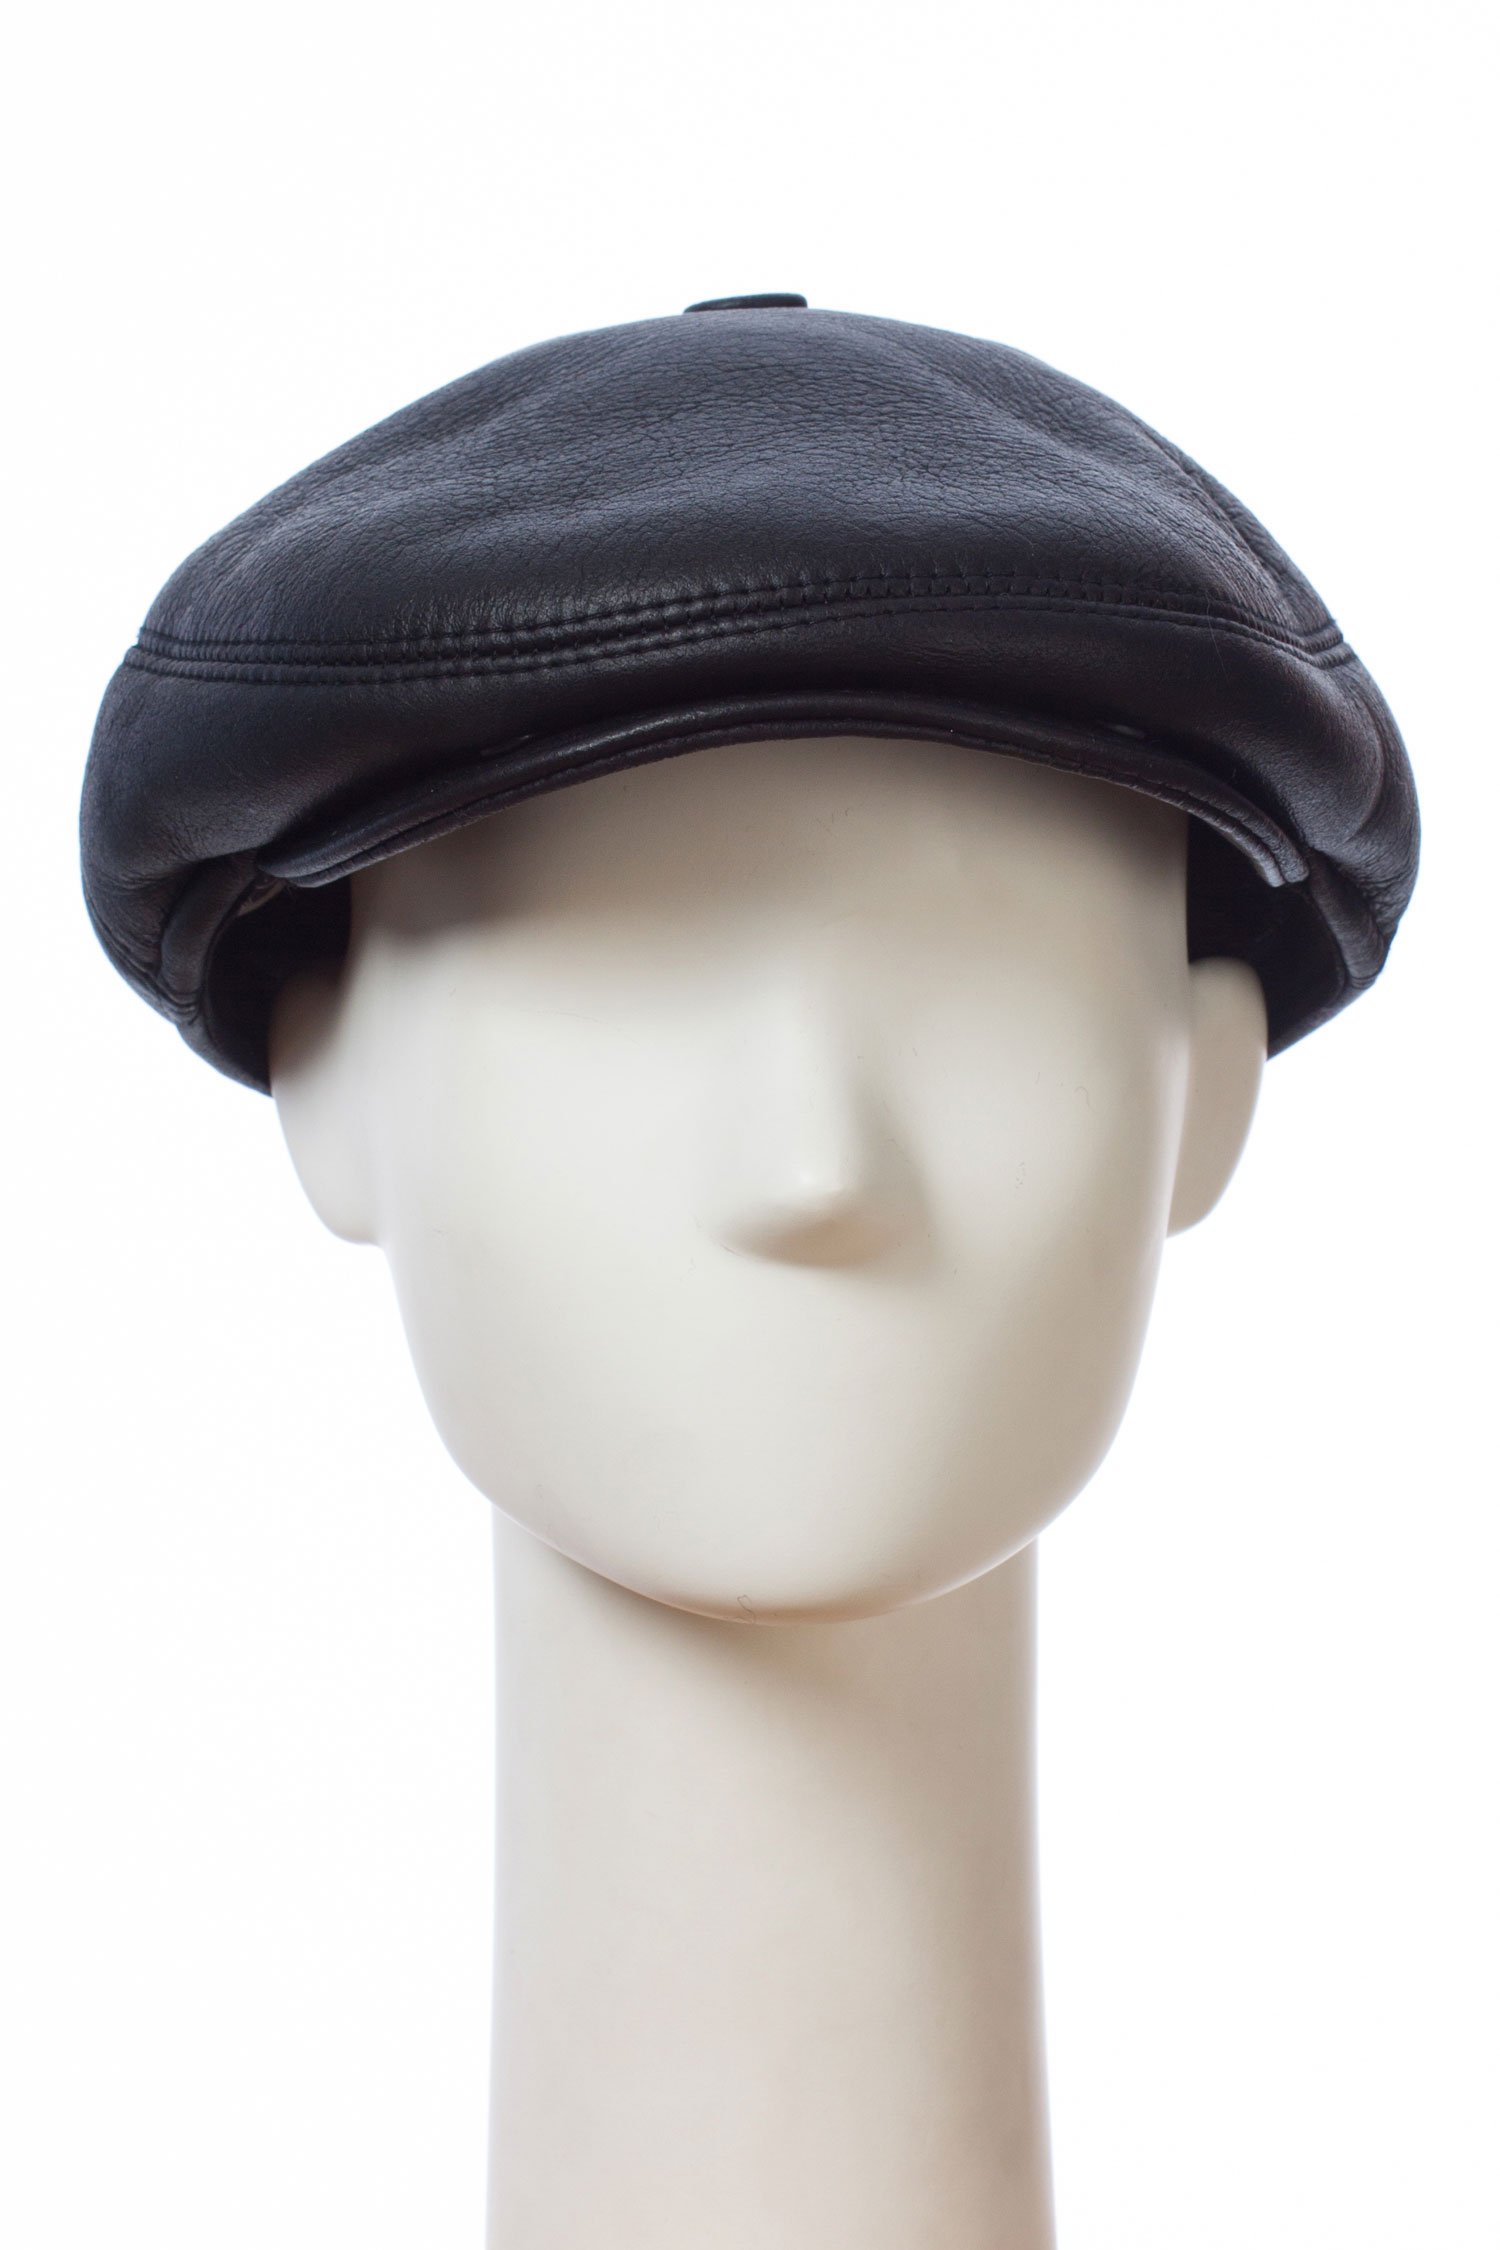 Шапка мужская из натуральной кожи и овчиныКлассическая мужская кепка из натуральной кожи специальной выработки Силк, с мехом ОВЧИНА изнутри.<br><br>Силк - это добротное, тонкое, красивое покрытие. Создают его за счет пропитки замши специальным раствором, смешанным с резиновой массой.<br><br>Материал: Кожа овчина<br>Цвет: черный<br>Размер RU: 58-59